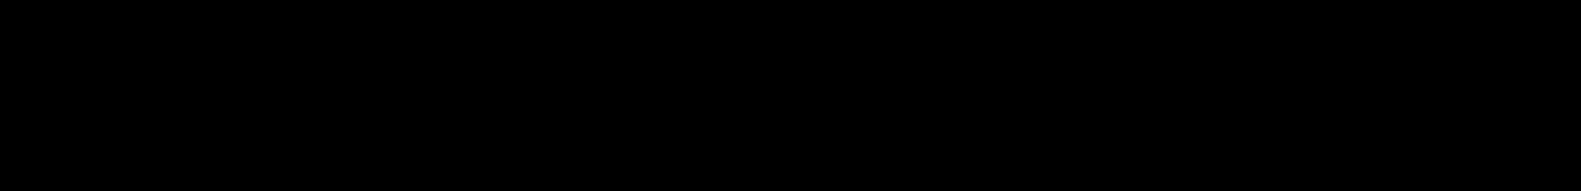 Steagal Thin Italic